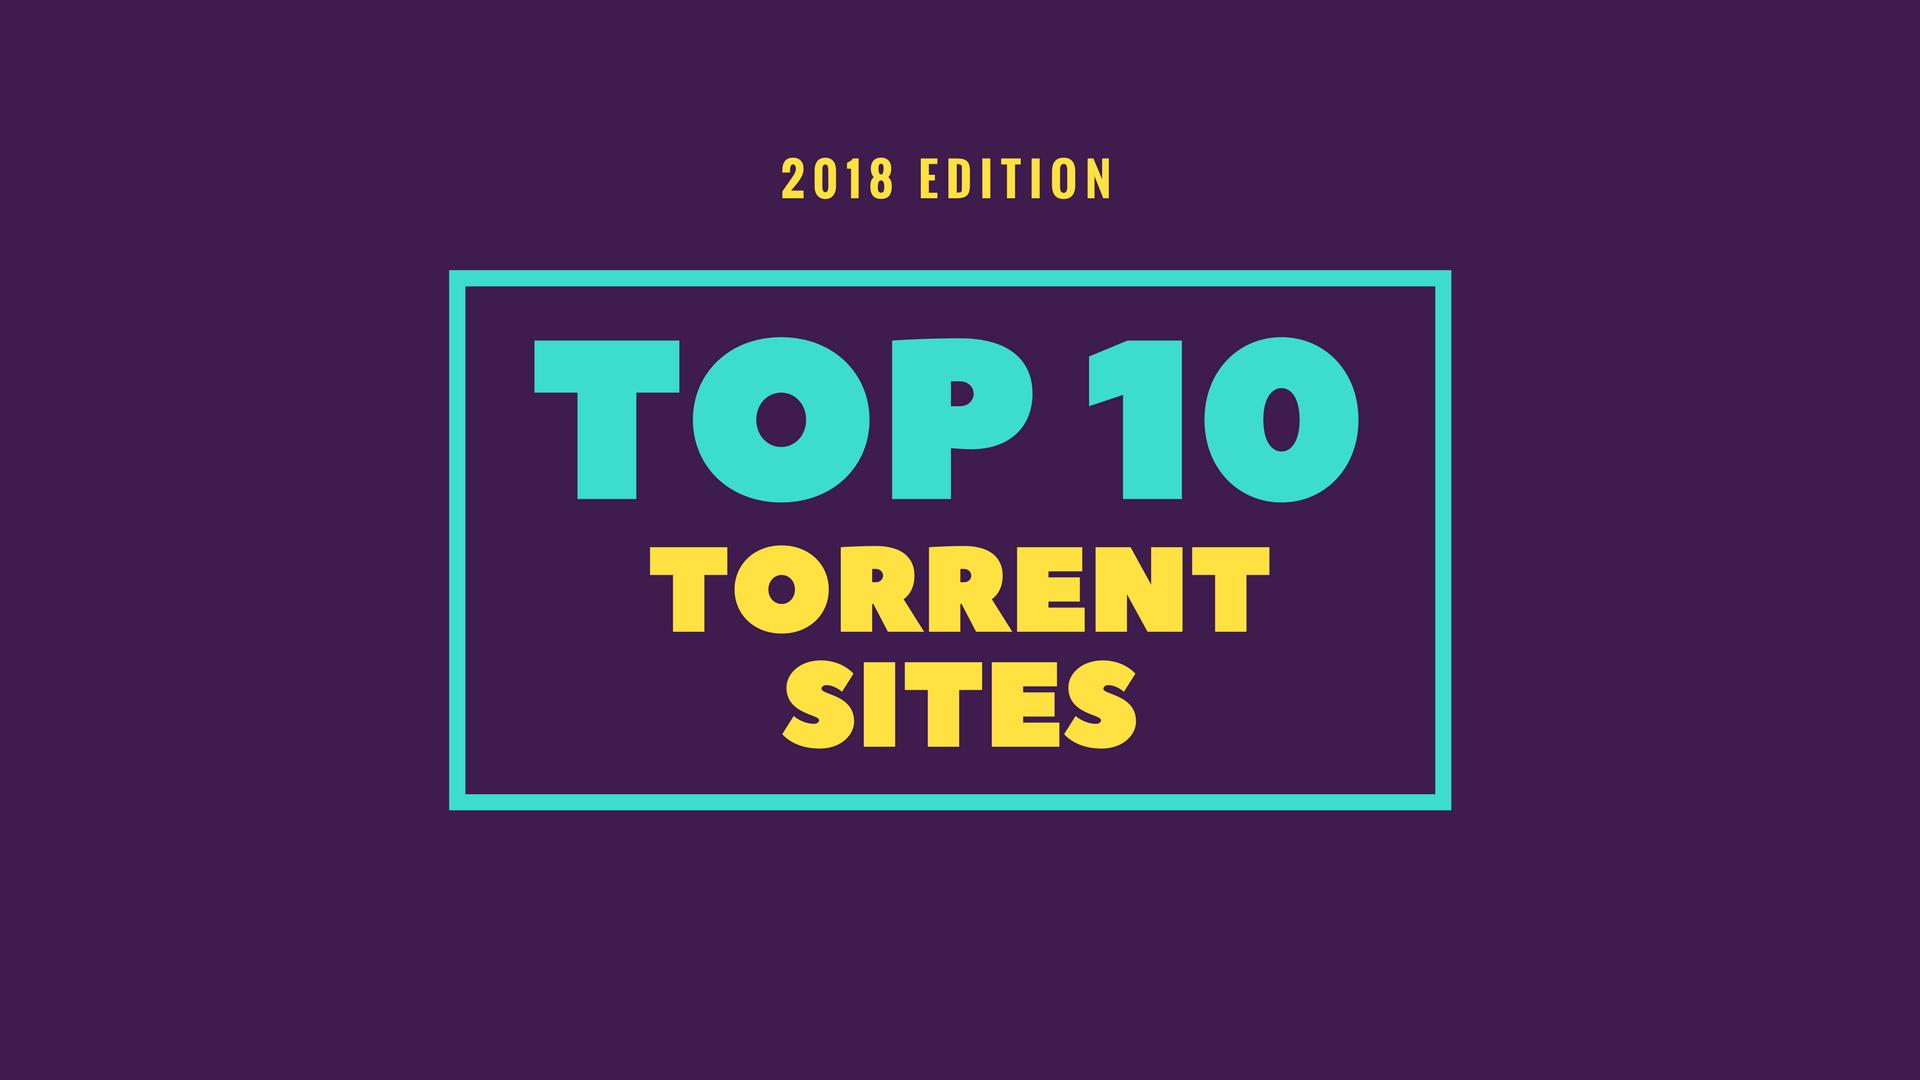 Τα κορυφαία torrent sites για το 2019   techingreek com